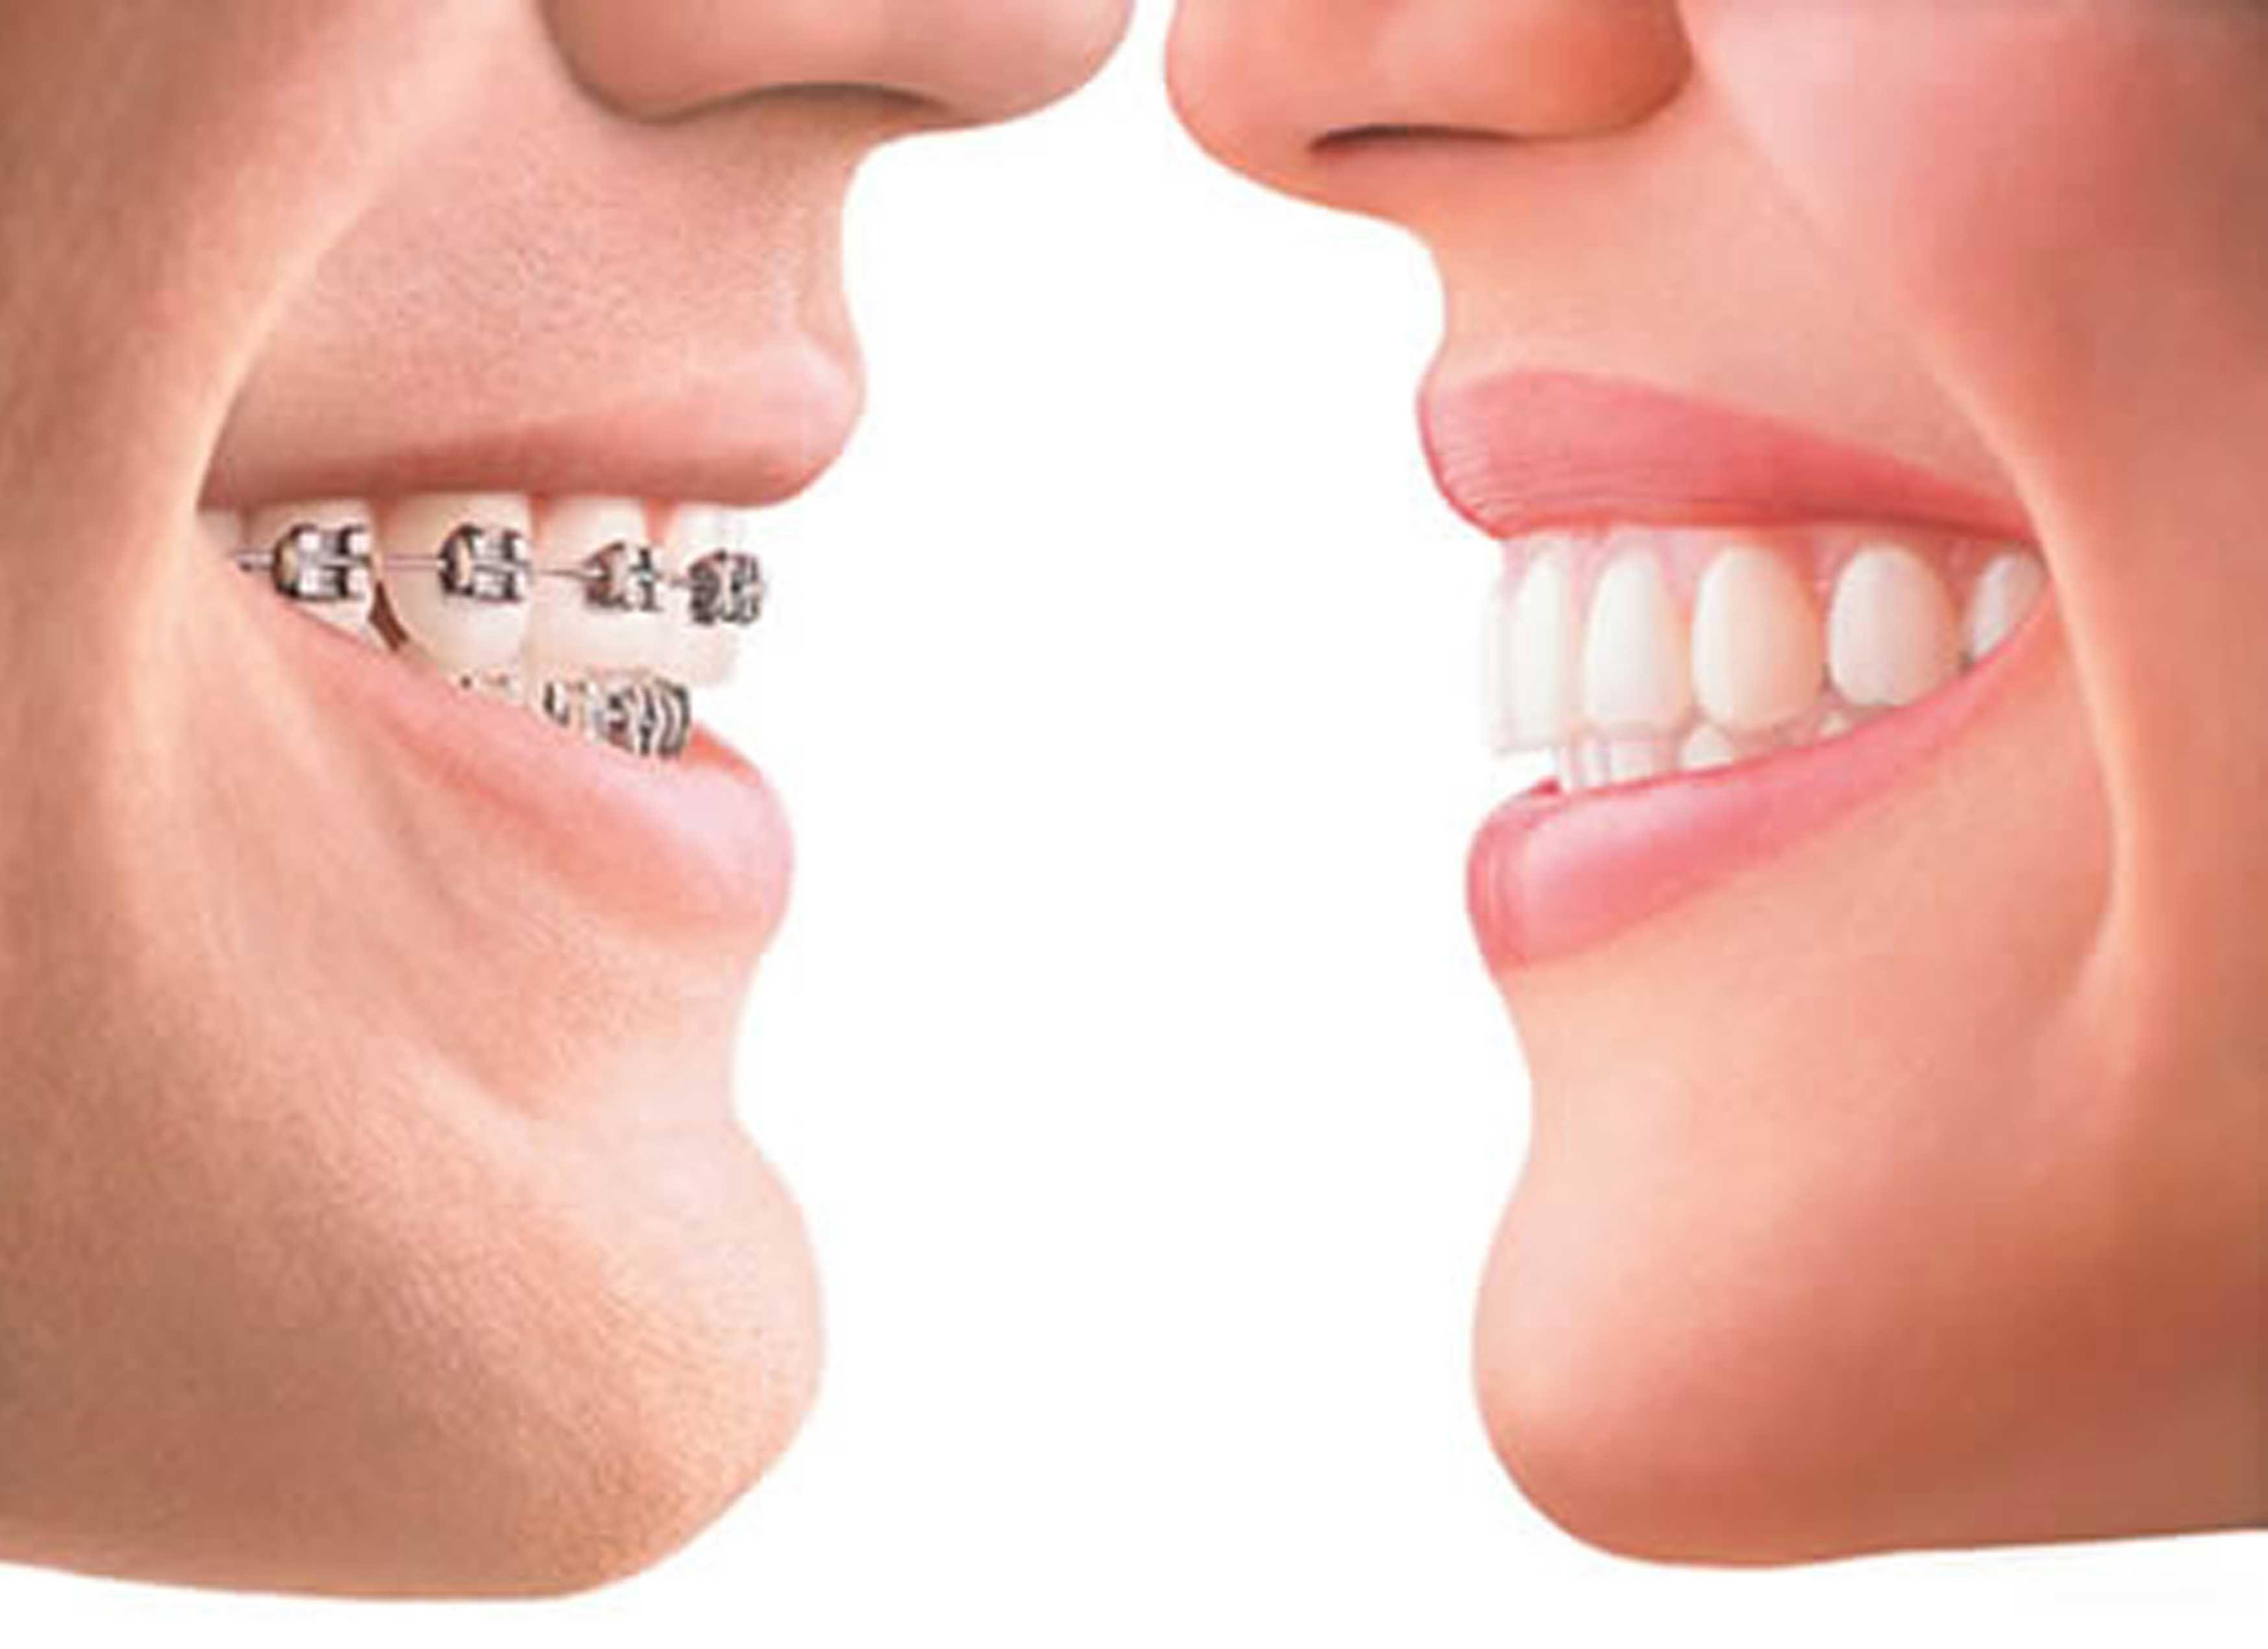 Aparelho Ortodontico Sorrisos Pinterest Zahnersatz Zahne E Jungs